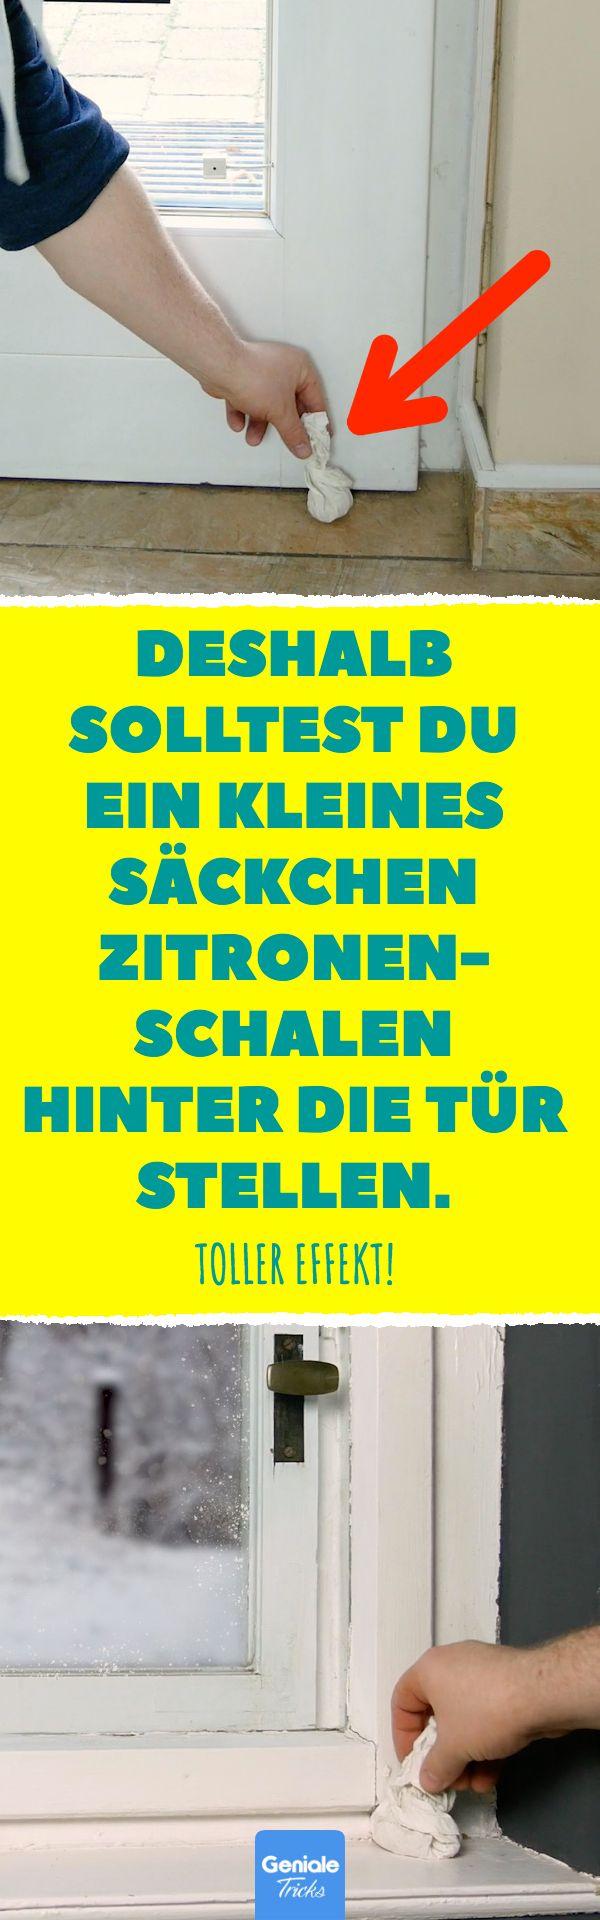 Deshalb solltest du ein kleines Säckchen Zitronen- schalen hinter die Tür stellen. Toller Effekt! #zitronen #lifehacks #haushalt #tipps #tricks #badreiniger #dessert #kühlschrank #Ungeziefer #waschmaschine #Wasserkocher